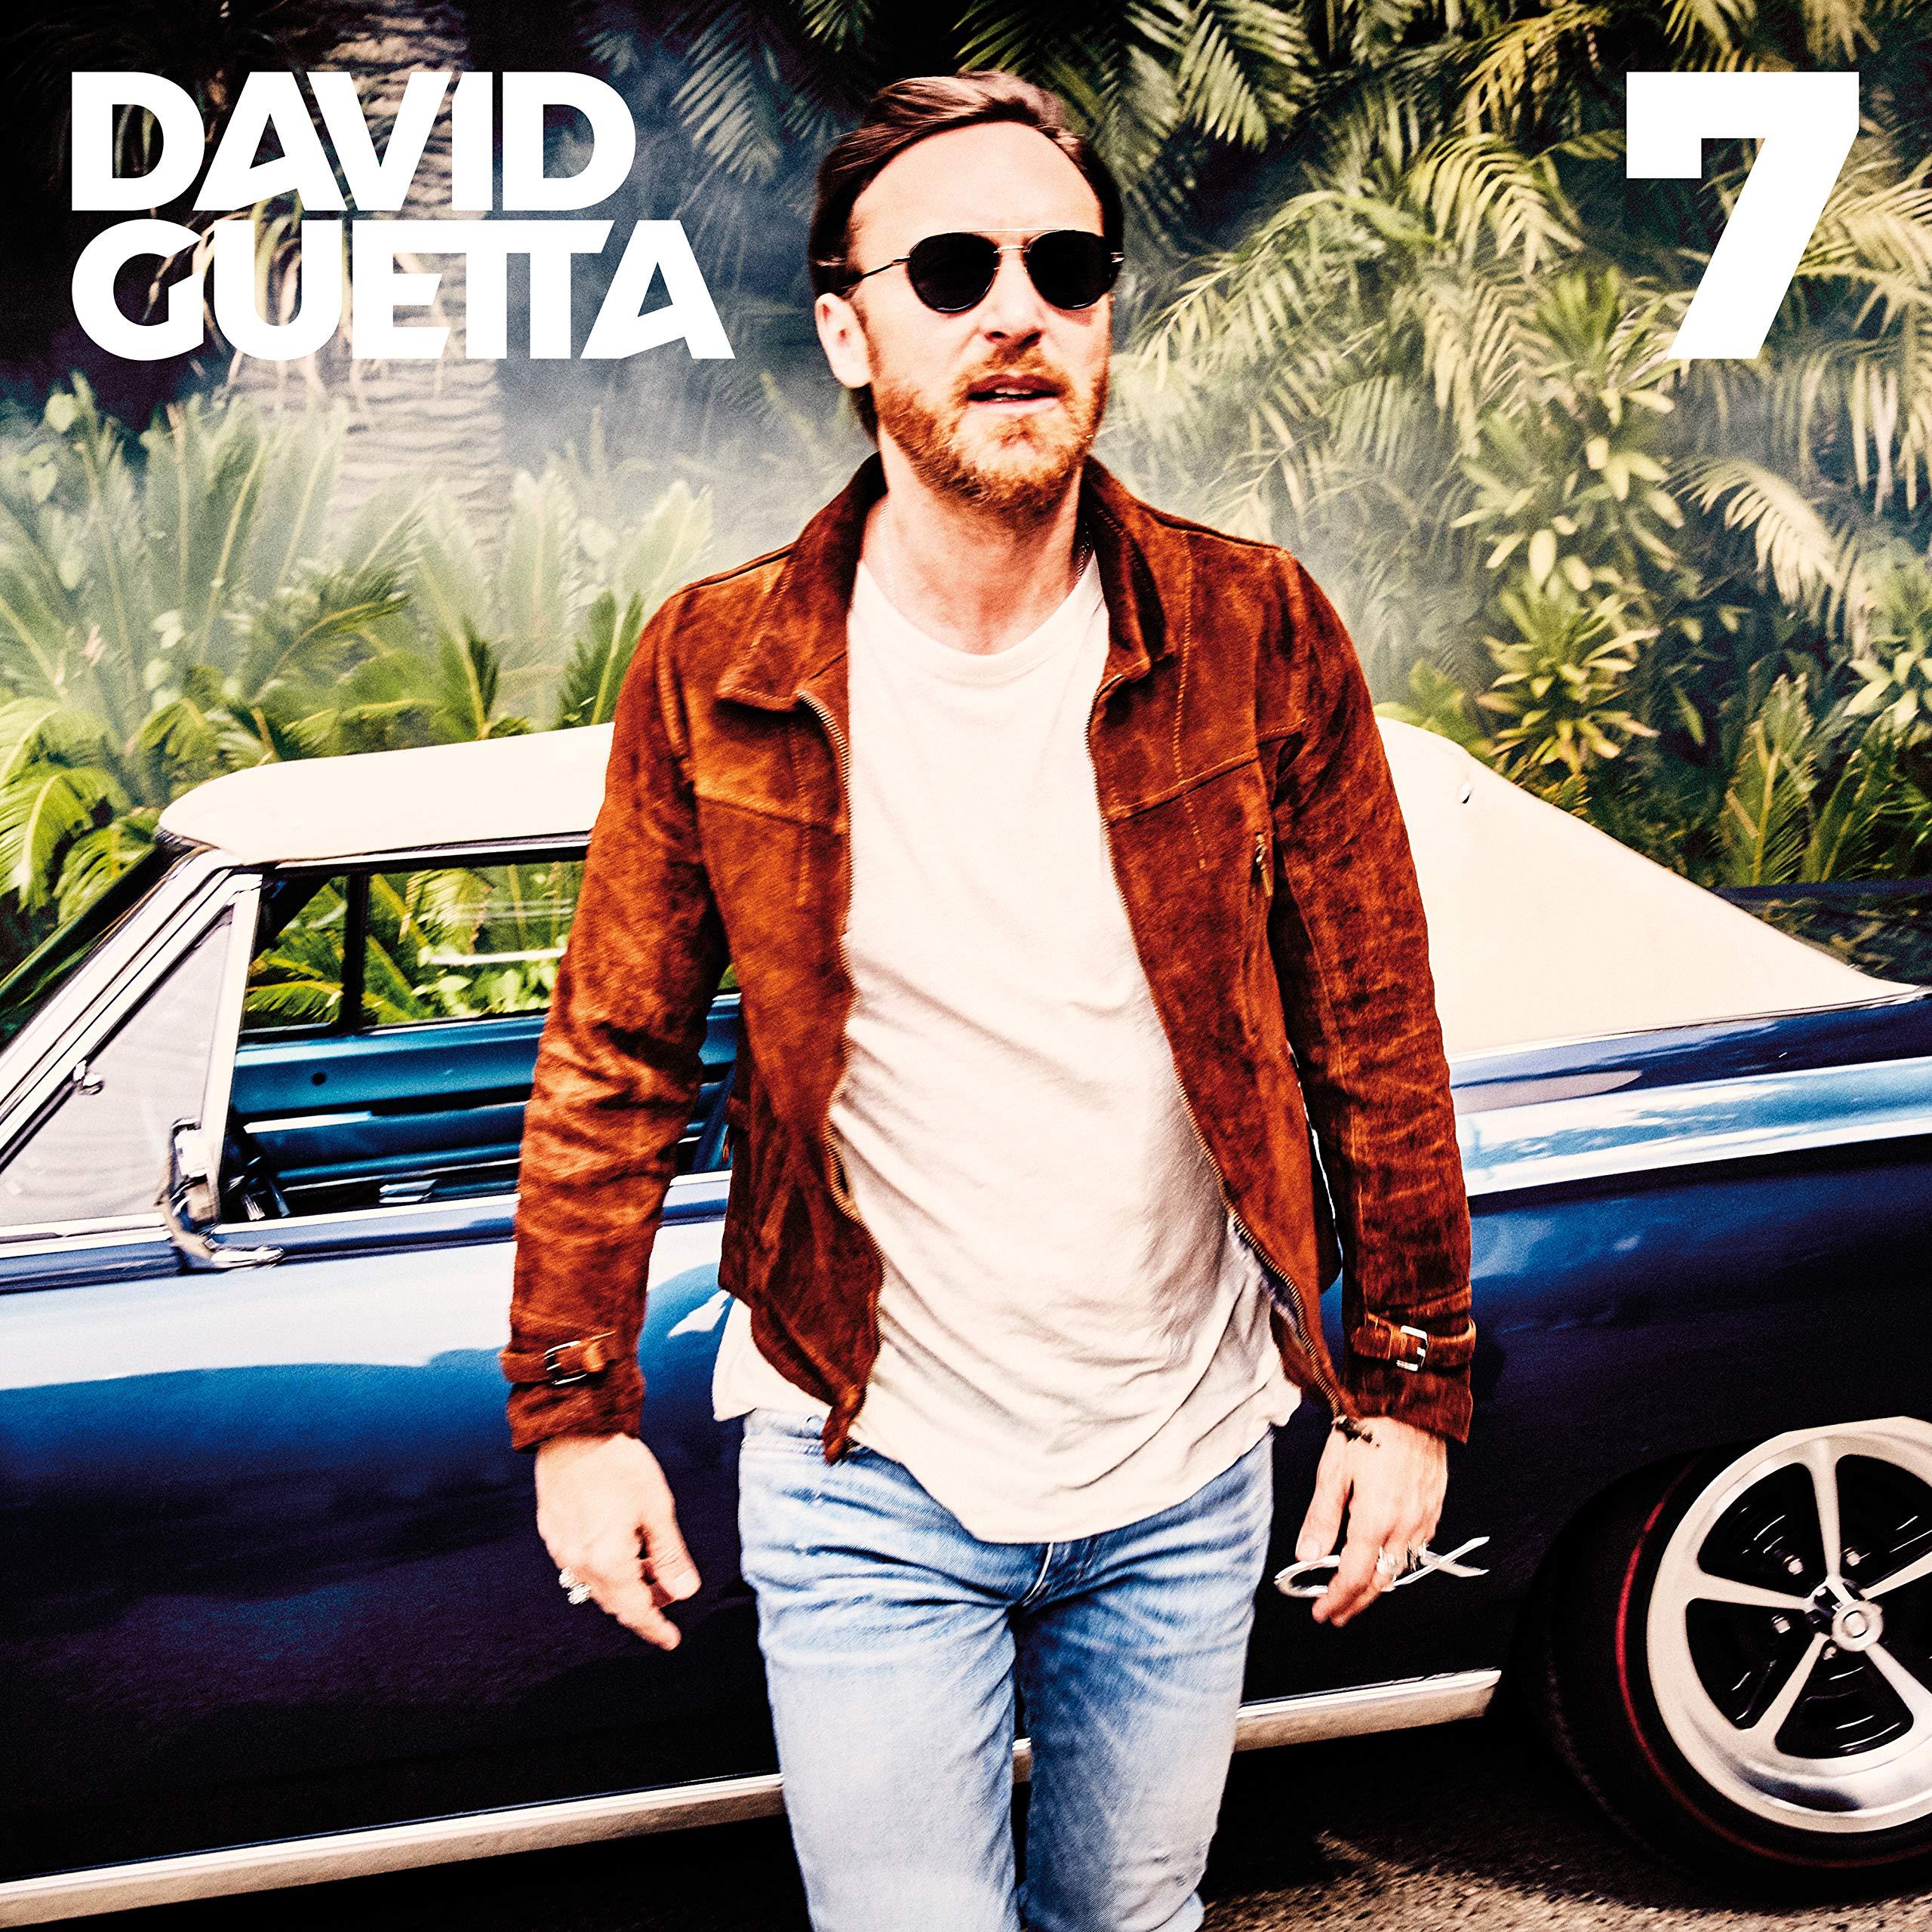 David Guetta - 7 Vinyl